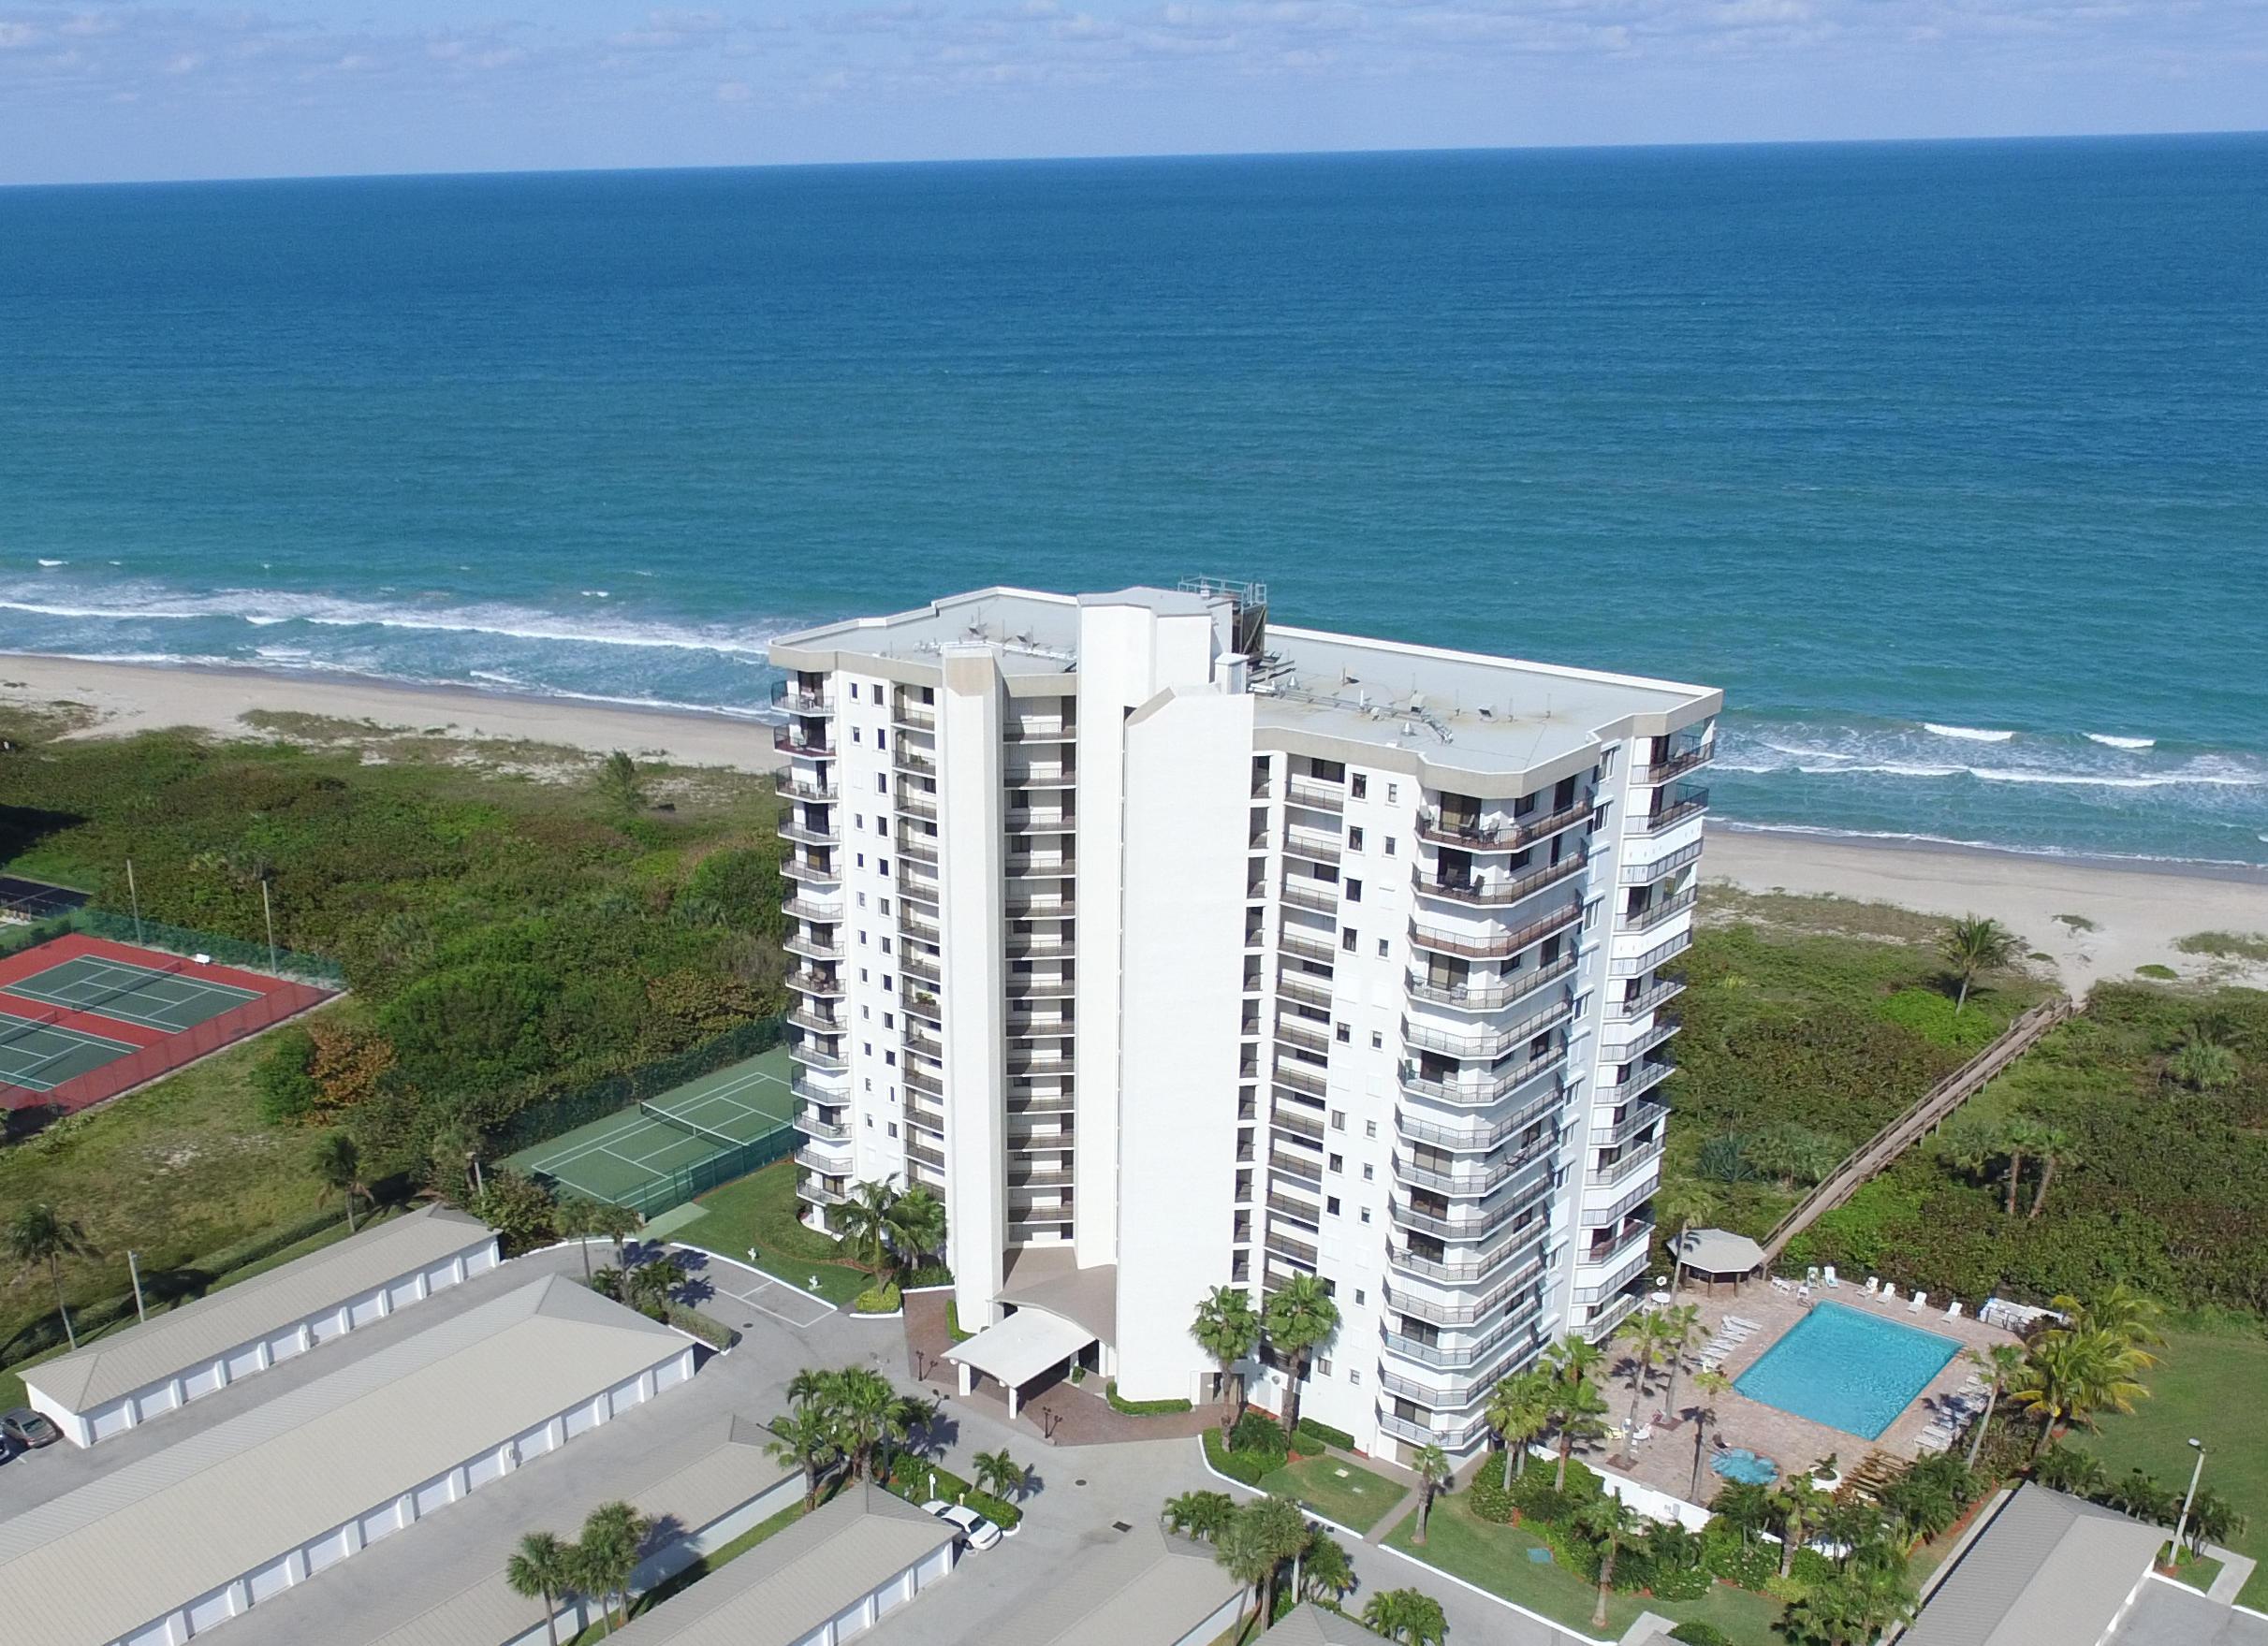 3150 N HIGHWAY A1A 1101, Hutchinson Island, Florida 34949, 3 Bedrooms Bedrooms, ,2 BathroomsBathrooms,Condominium,For Sale,3150 N HIGHWAY A1A 1101,RX-10709310